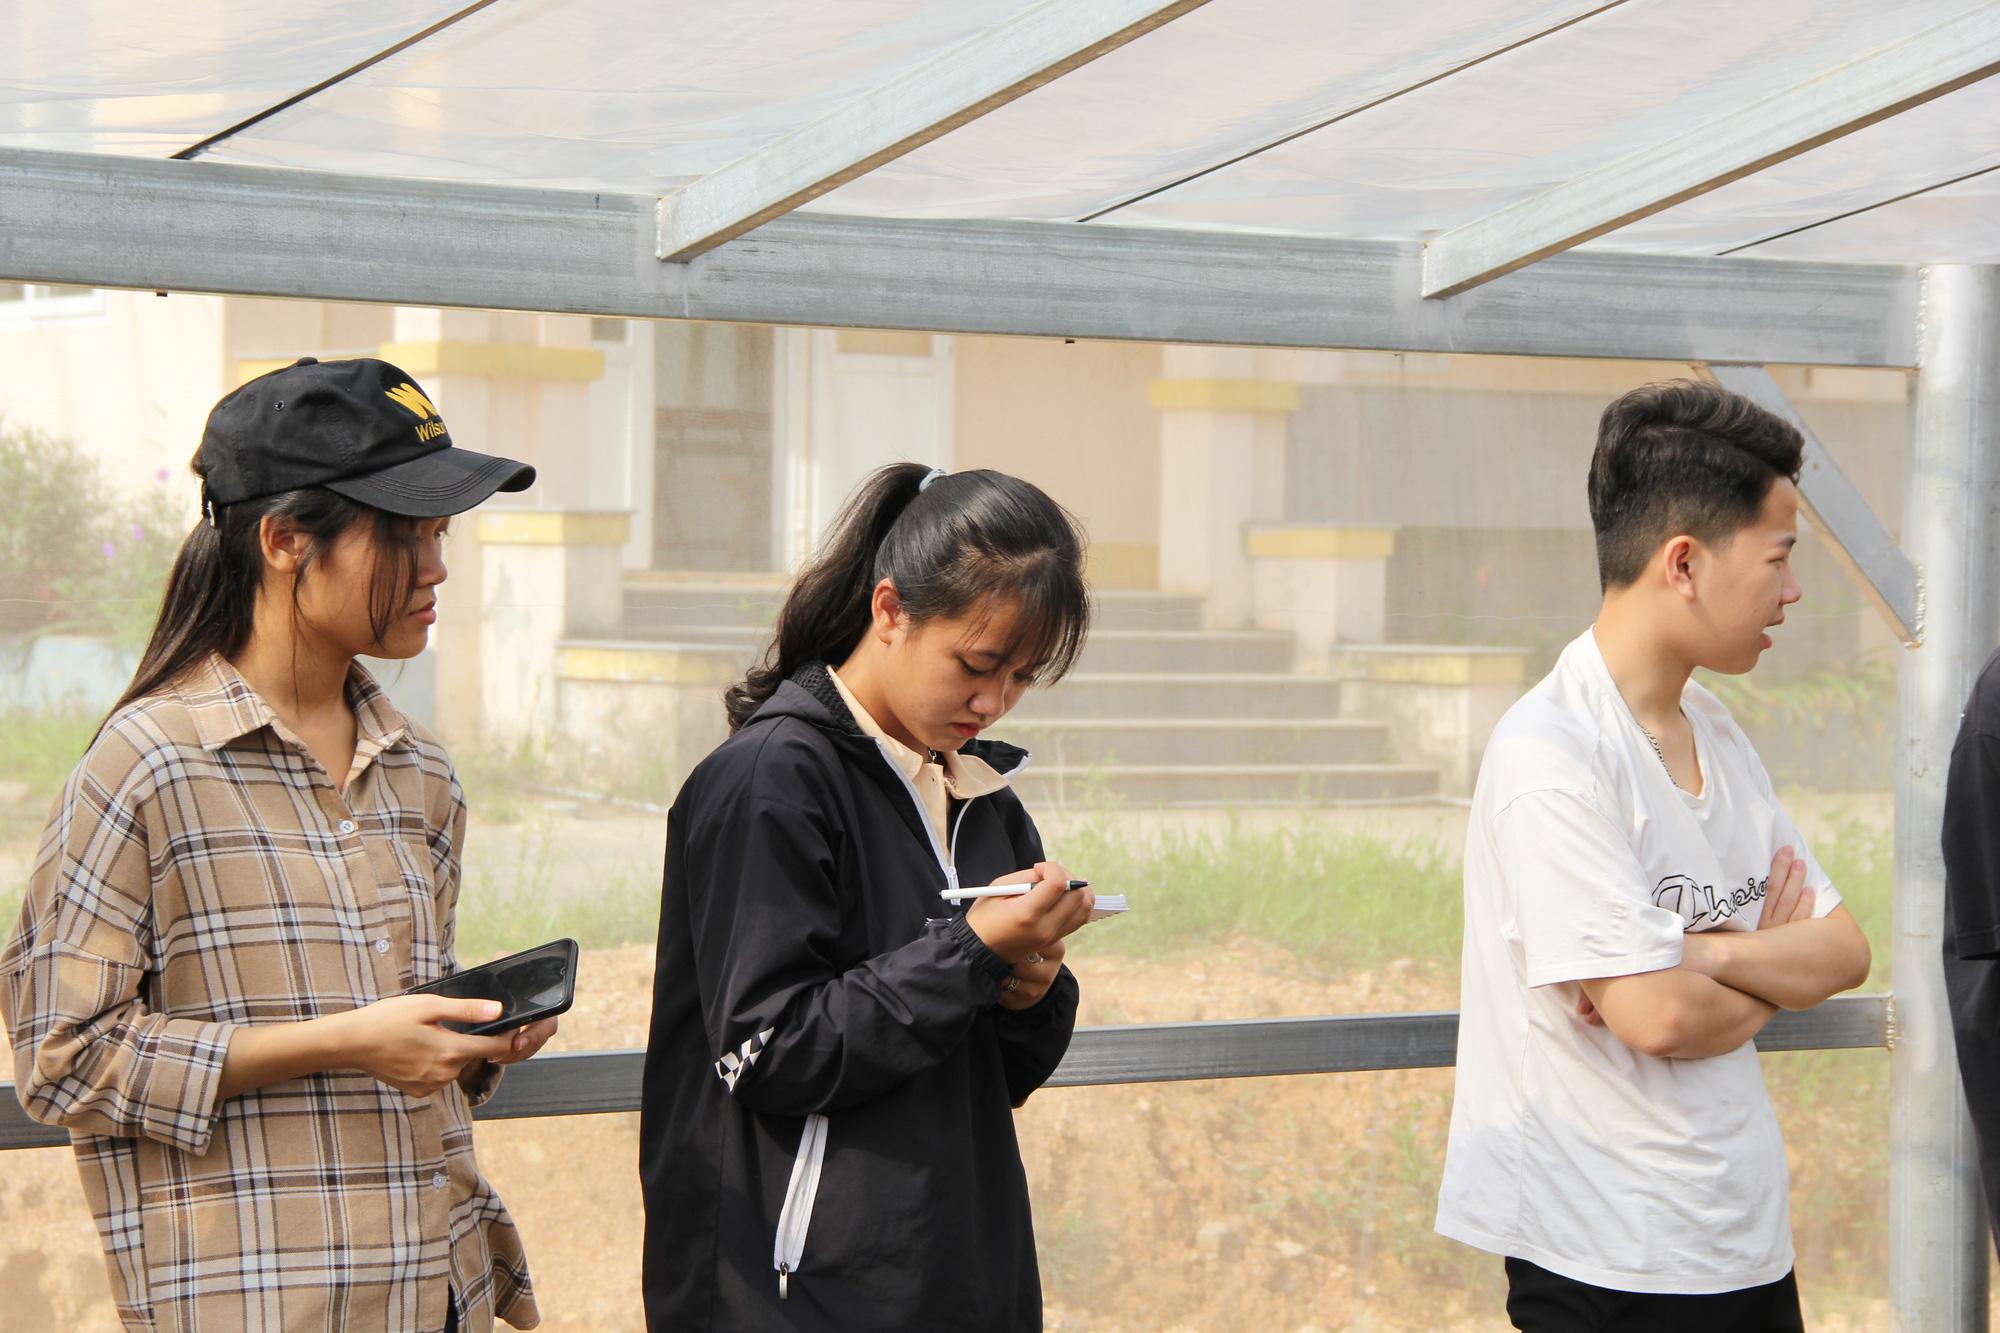 Khám phá tour du lịch học tập chỉ với 250.000 đồng ở Quảng Trị - Ảnh 4.